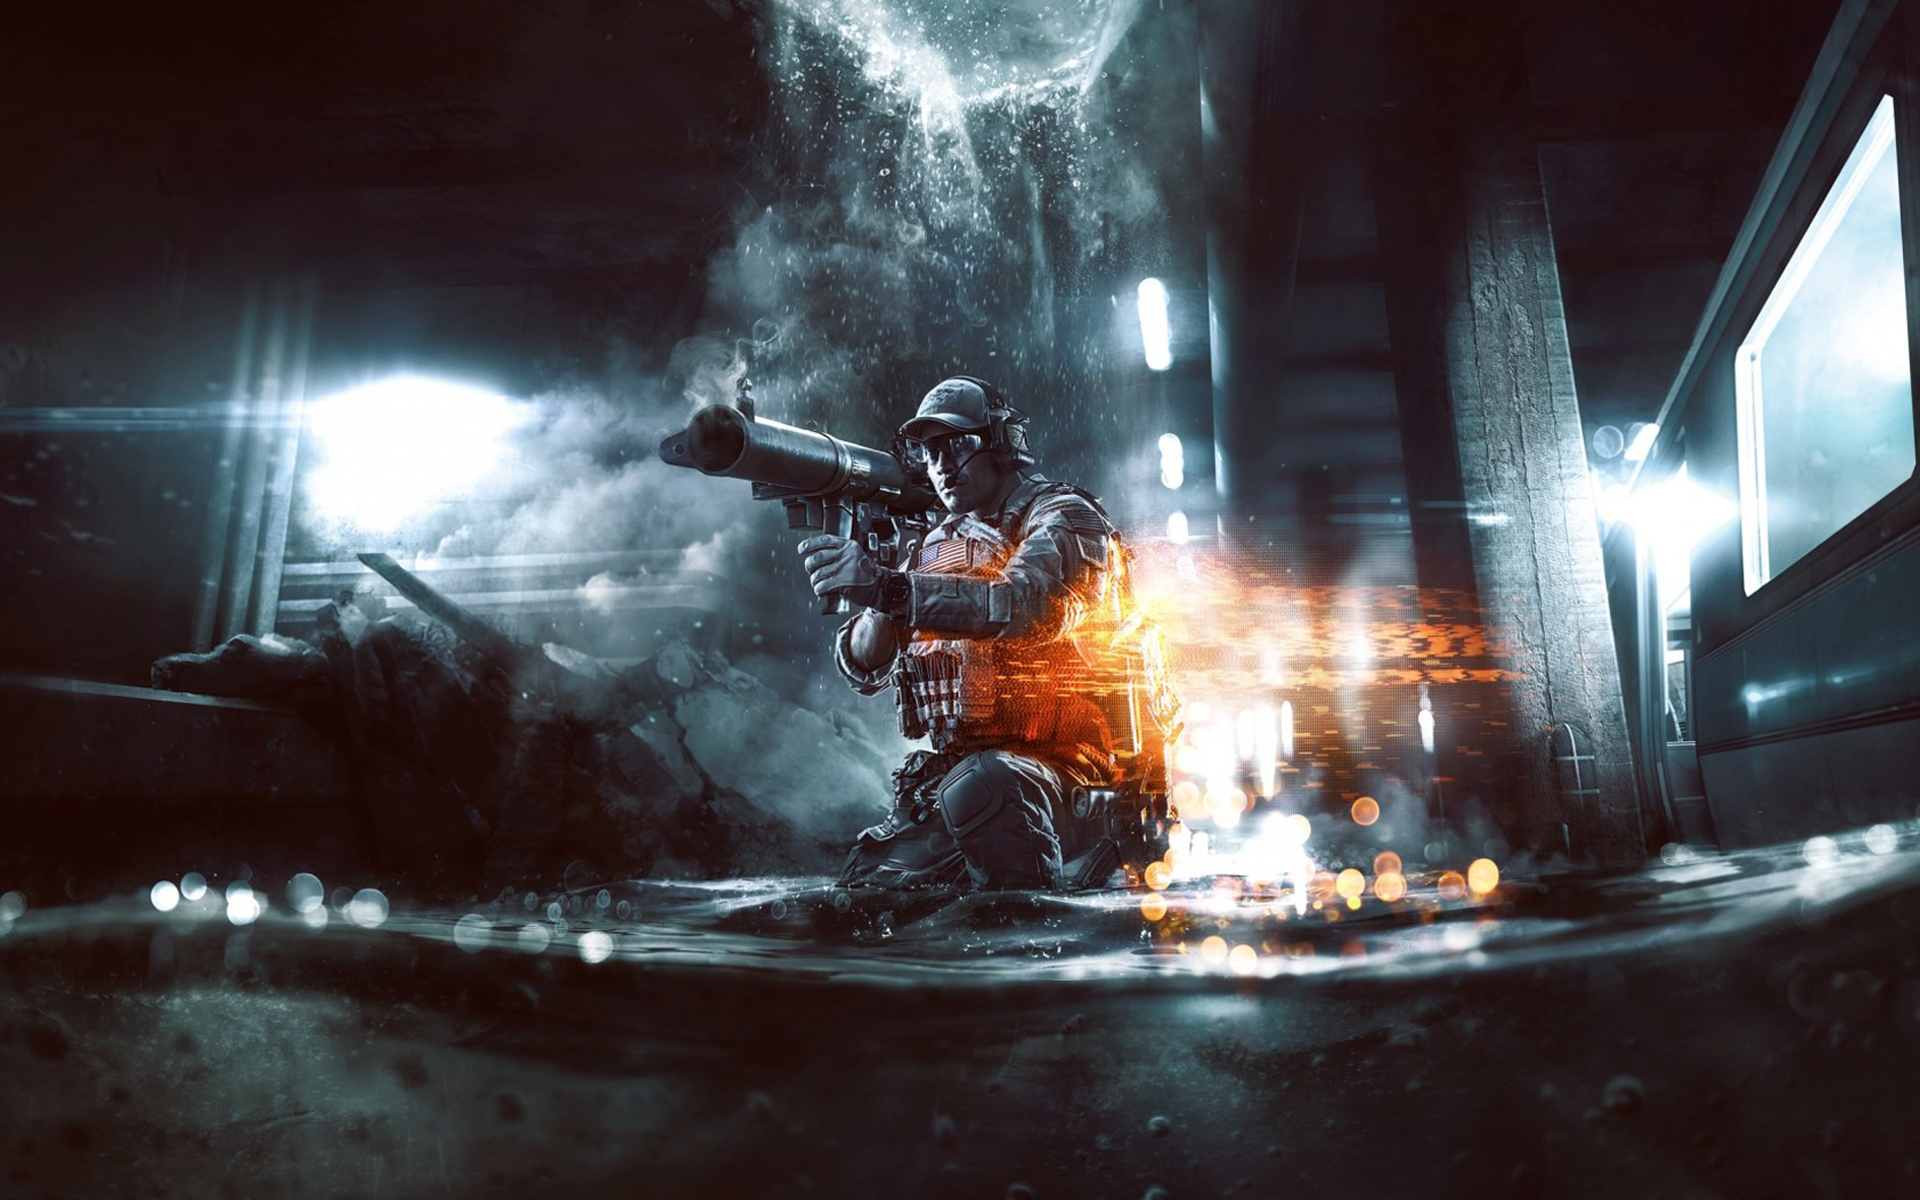 HD Wallpapers Battlefield 4 Second Assault